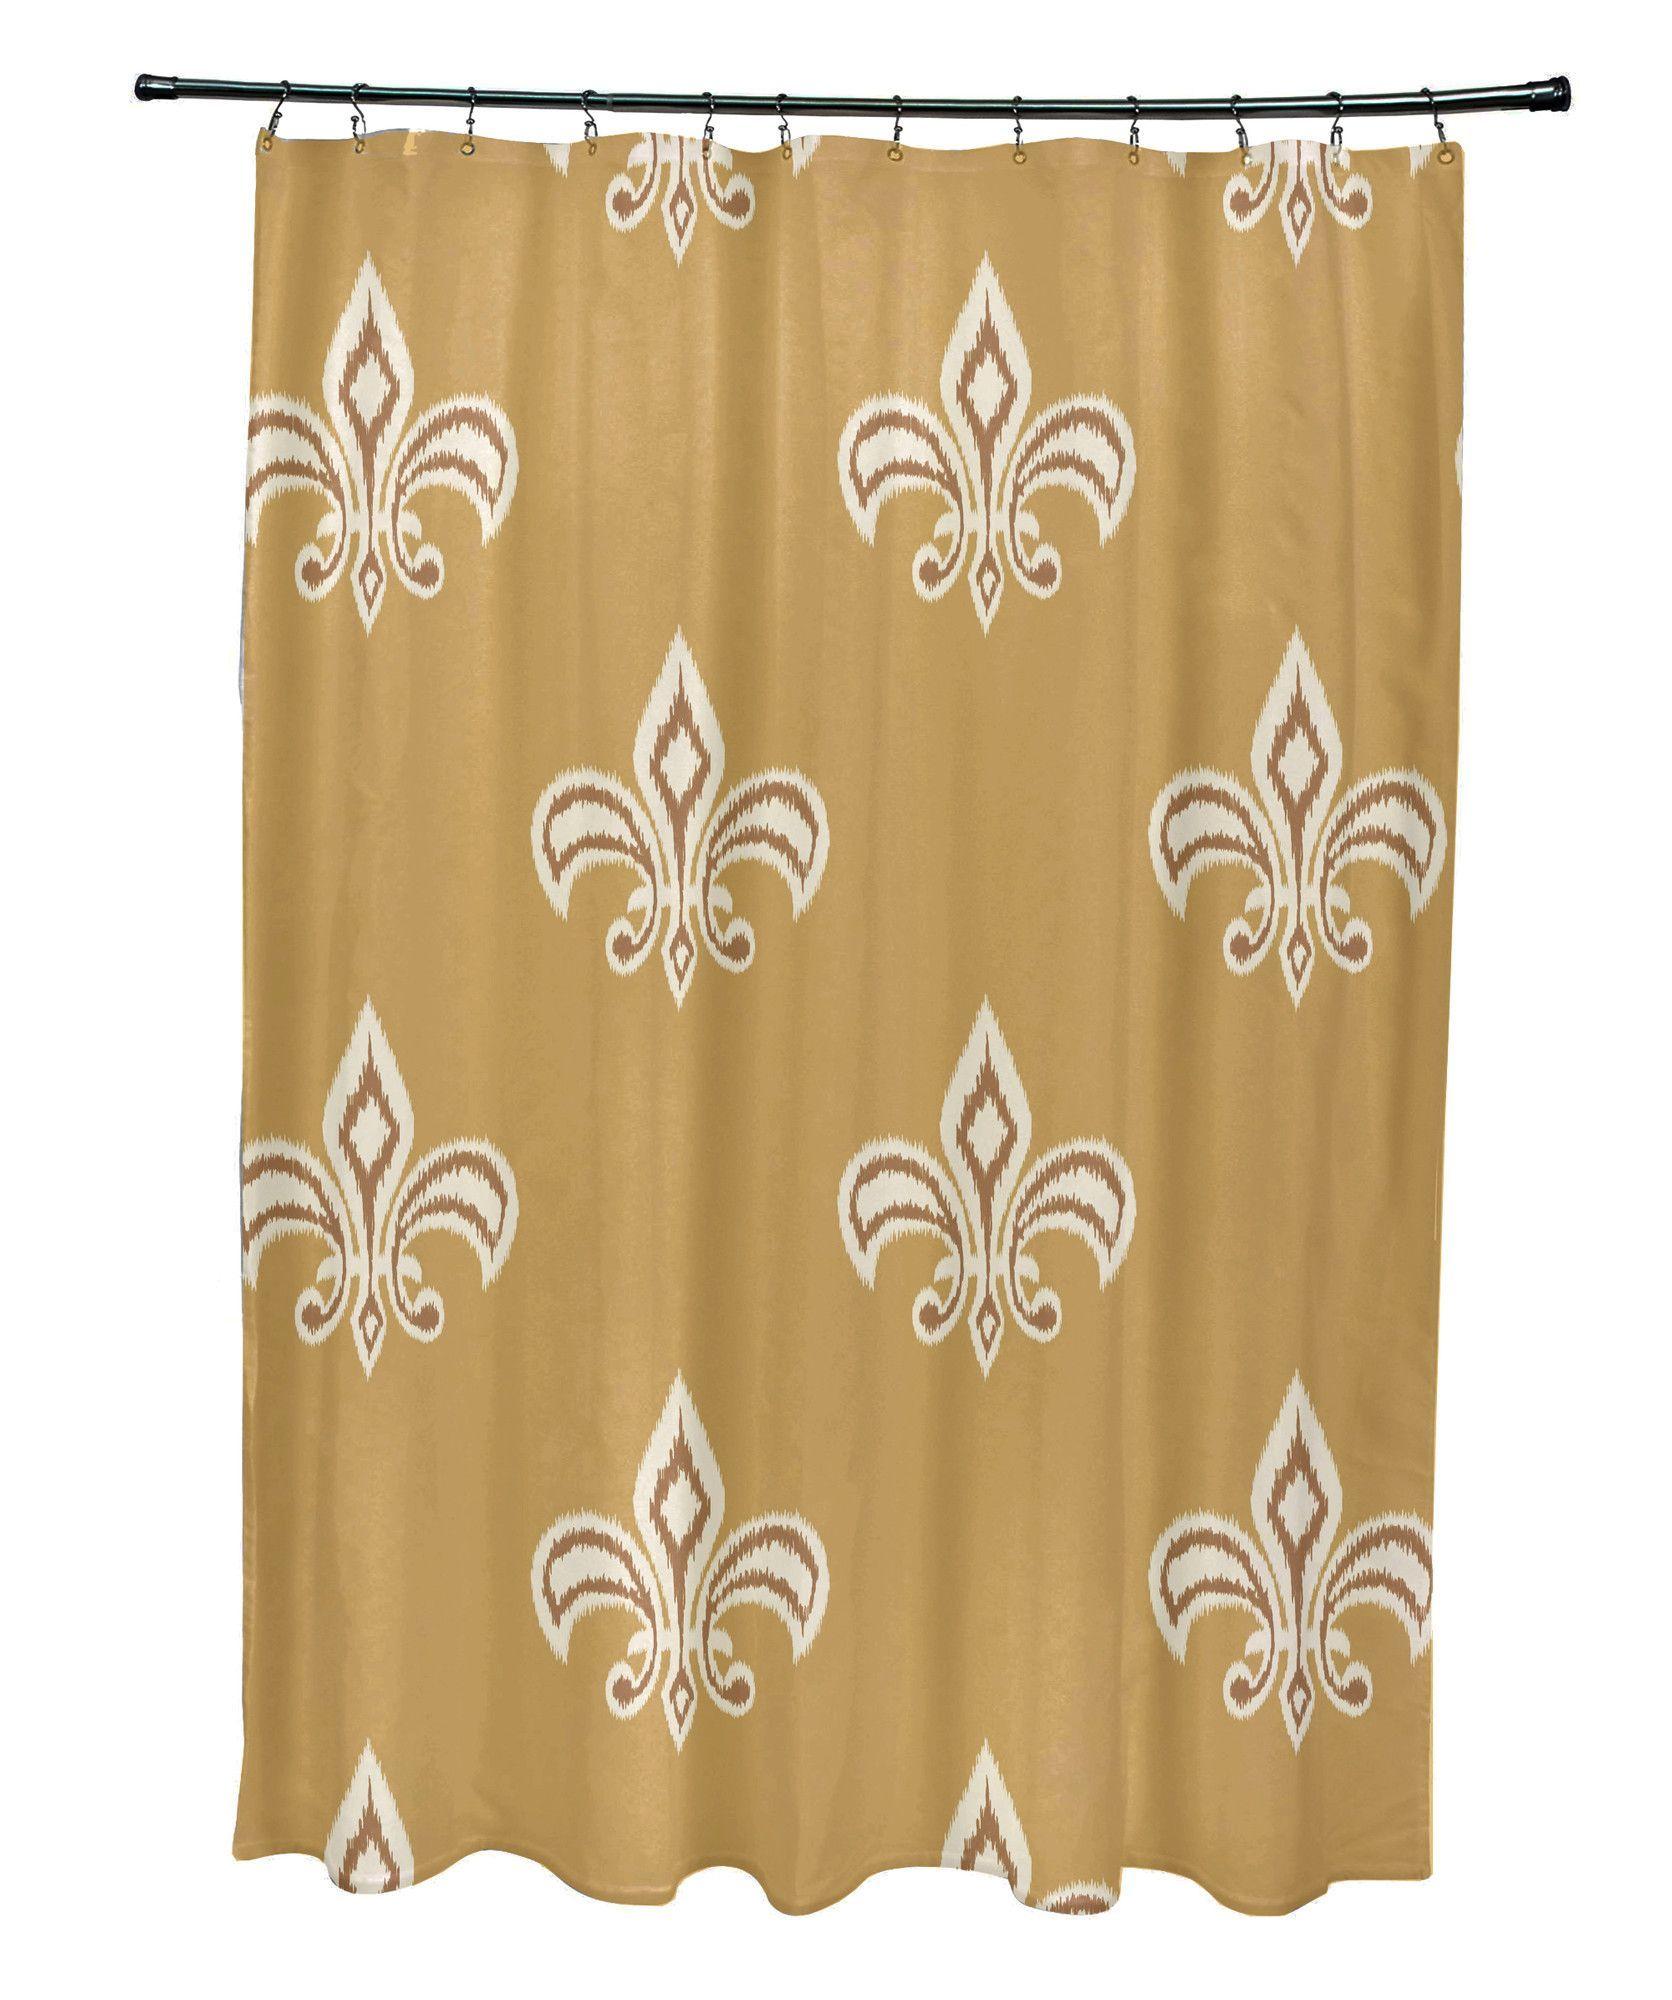 Cannes Fleur De Lis Ikat Print Shower Curtain Printed Shower